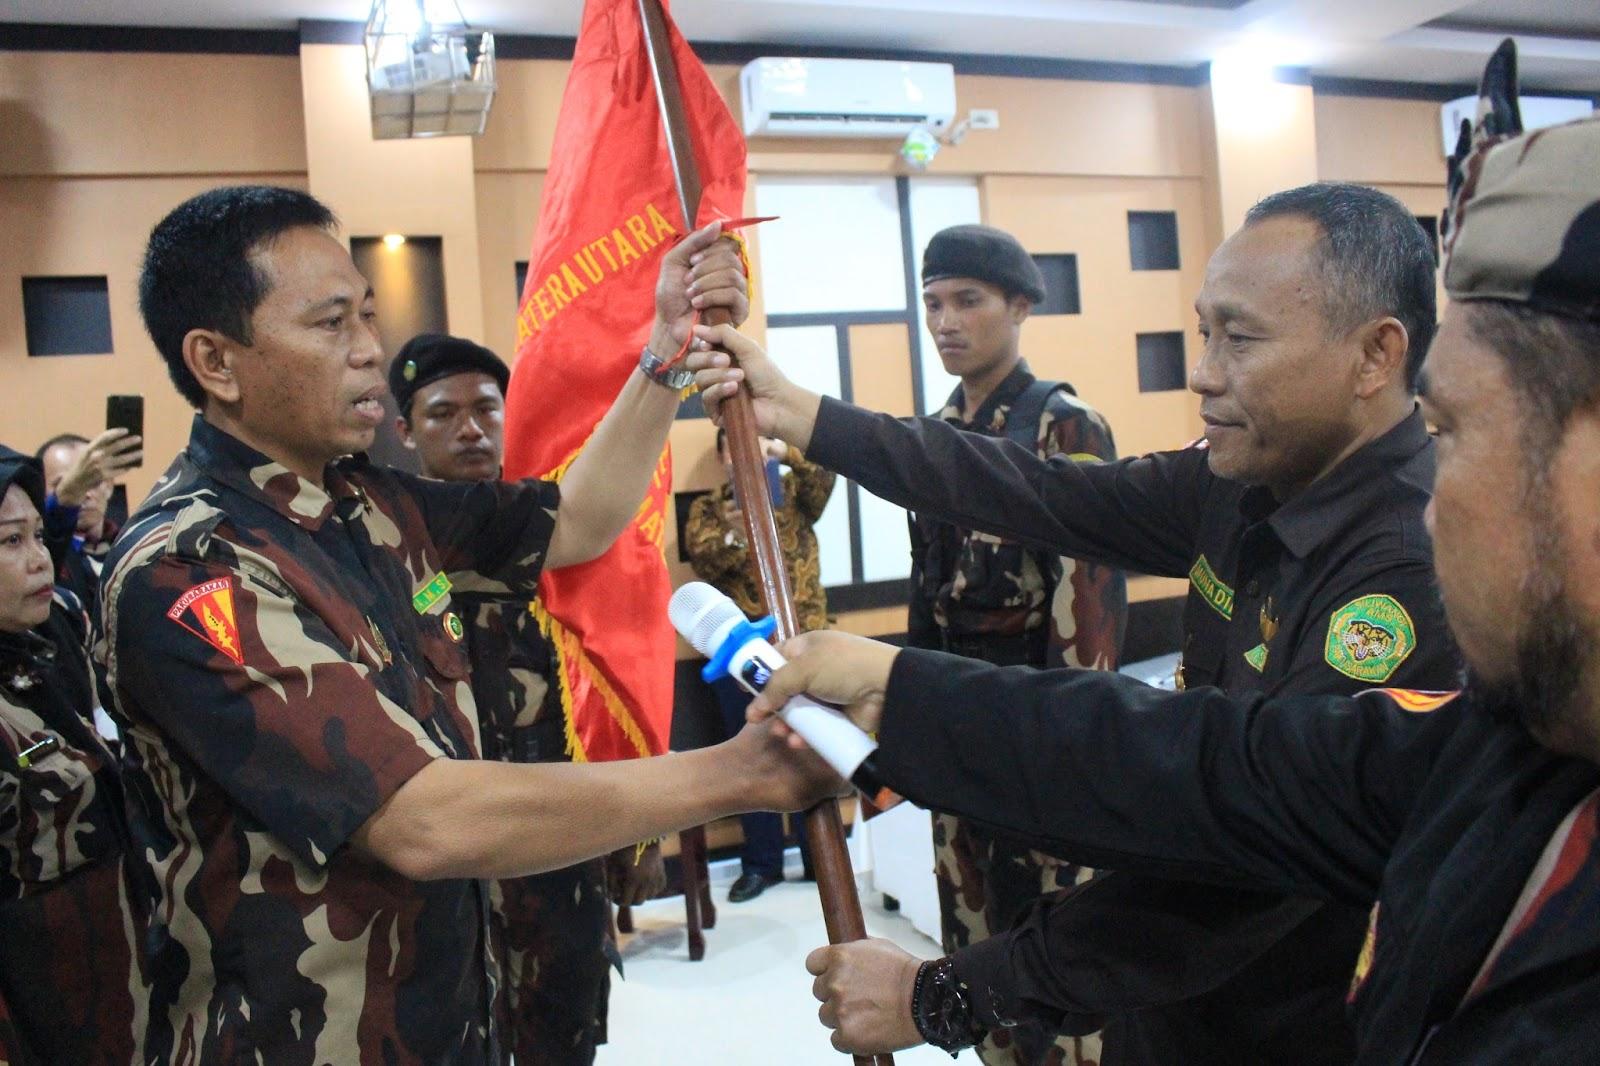 Zainul Qomar Ketua AMS Distrik Asahan saat menerima petaka bendera kebesaran saat proses pelantikan.